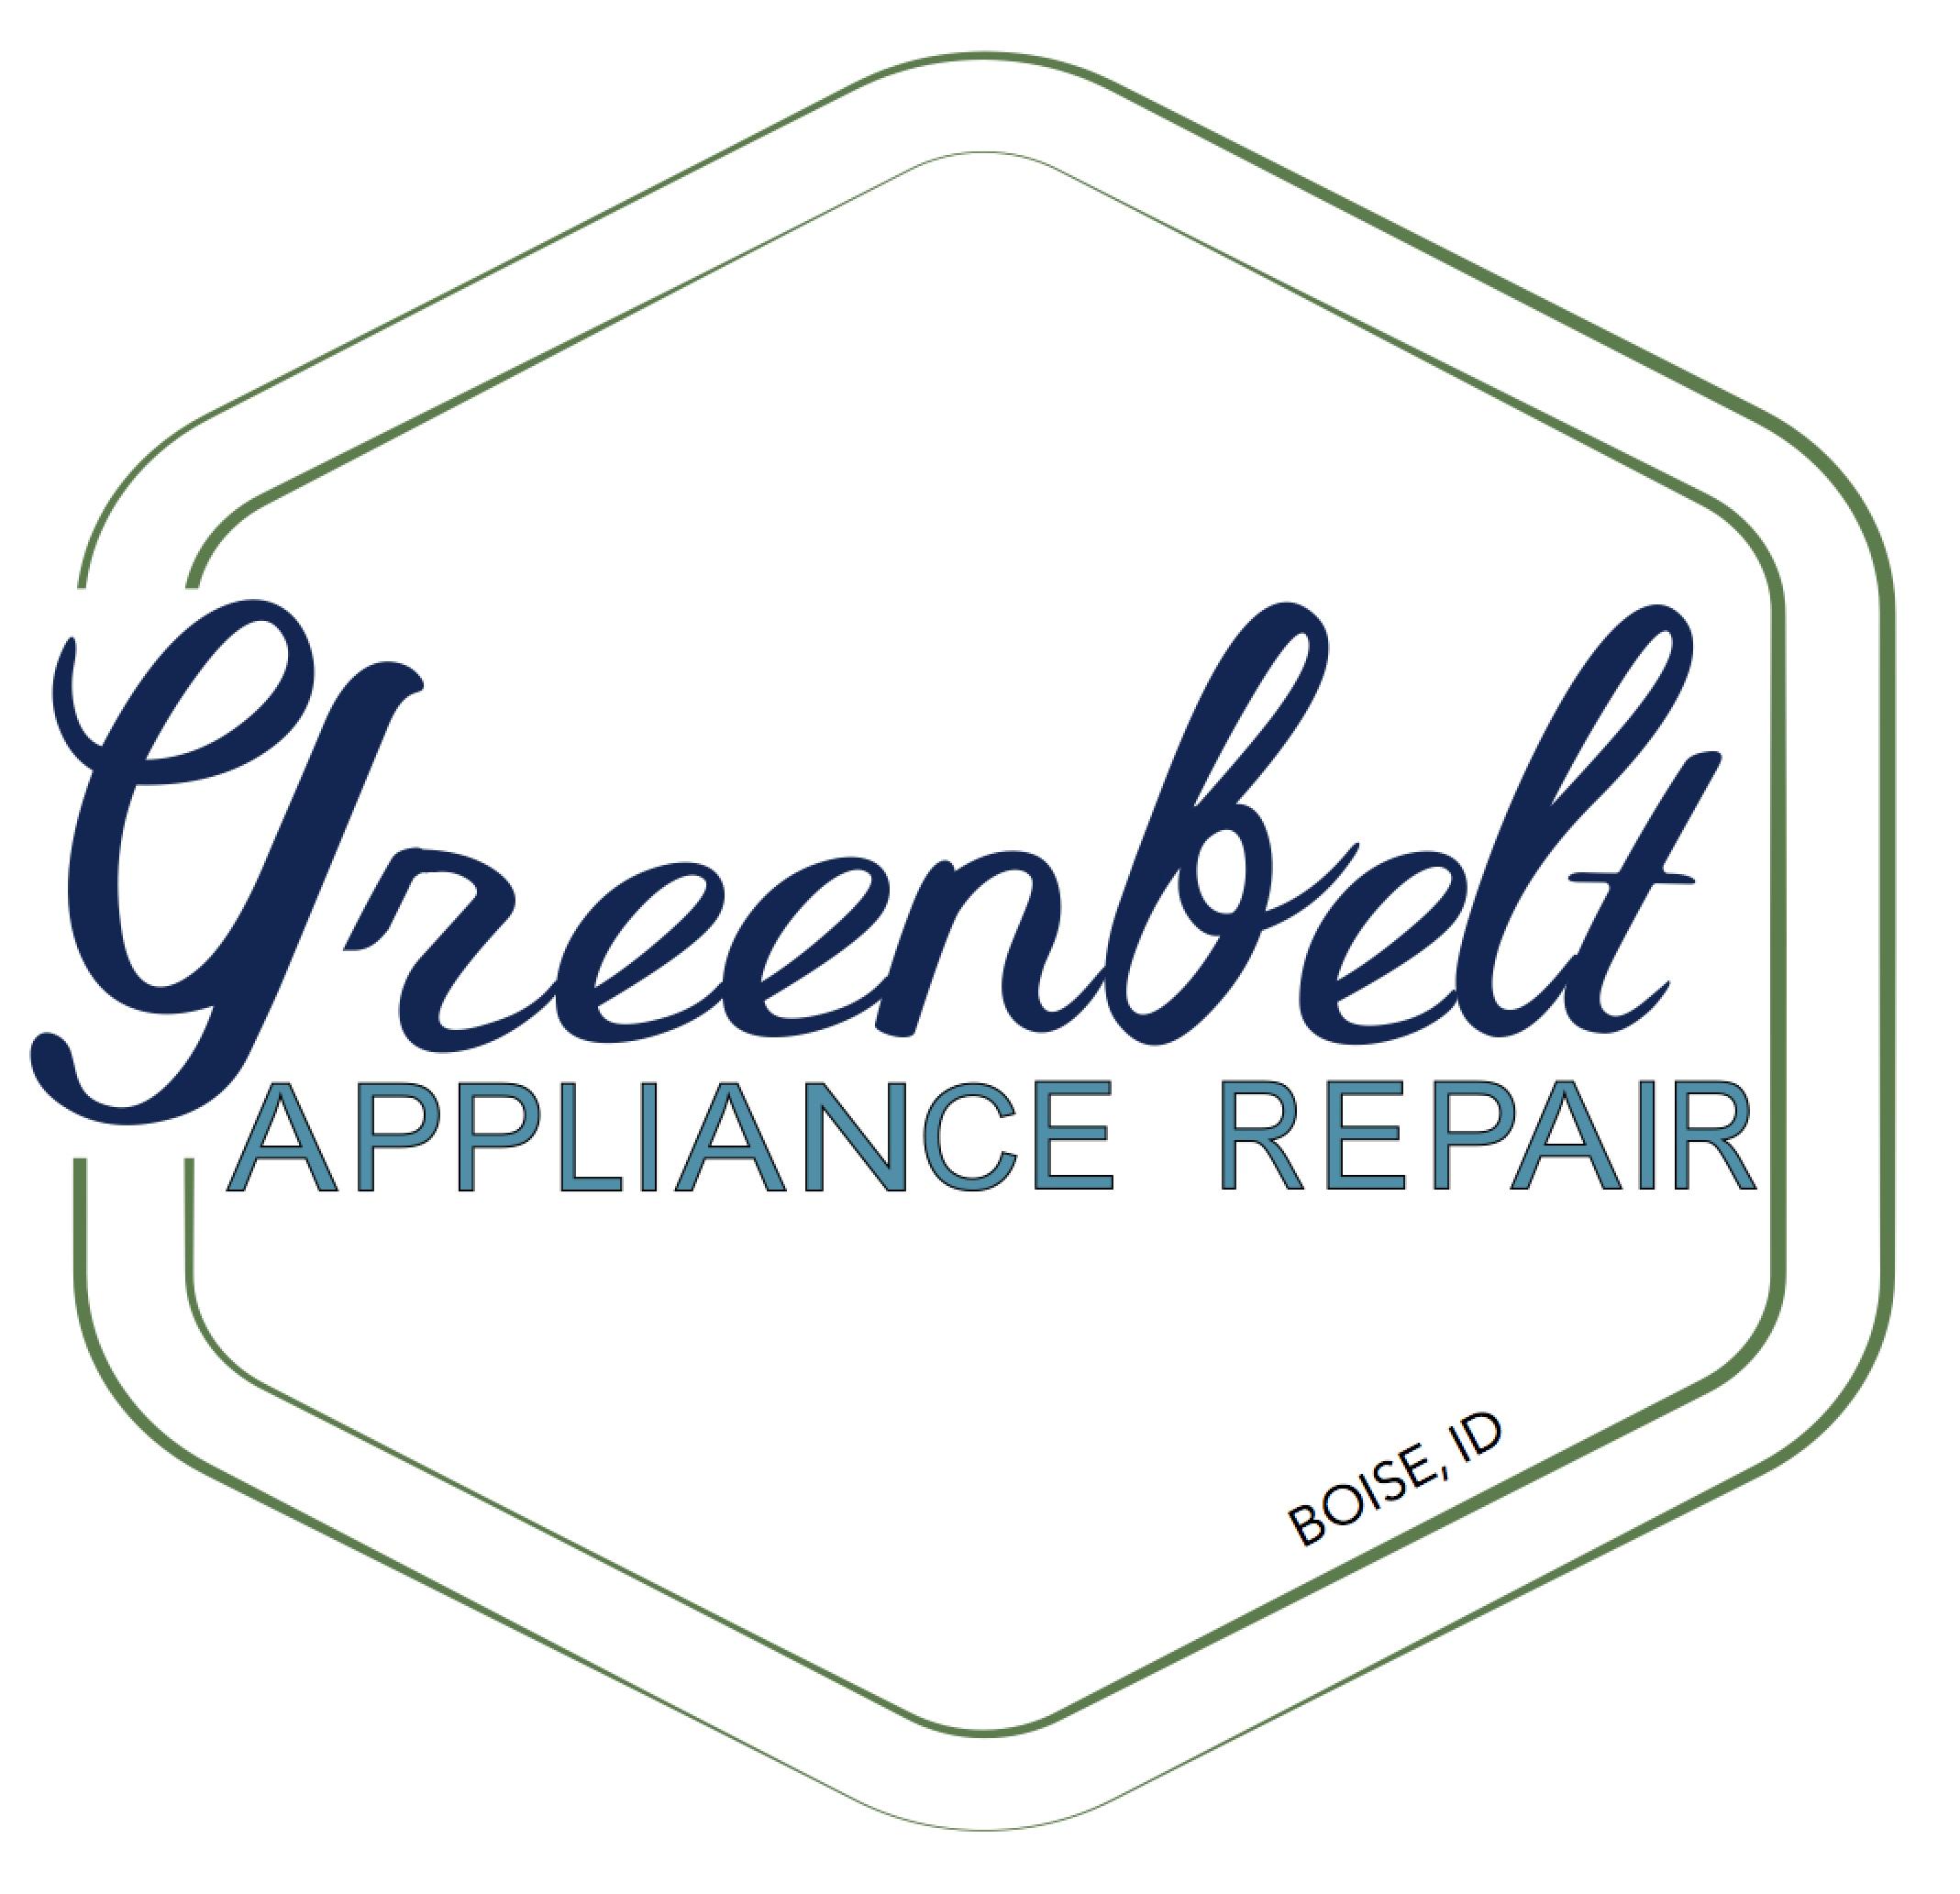 Greenbelt Appliance Repair